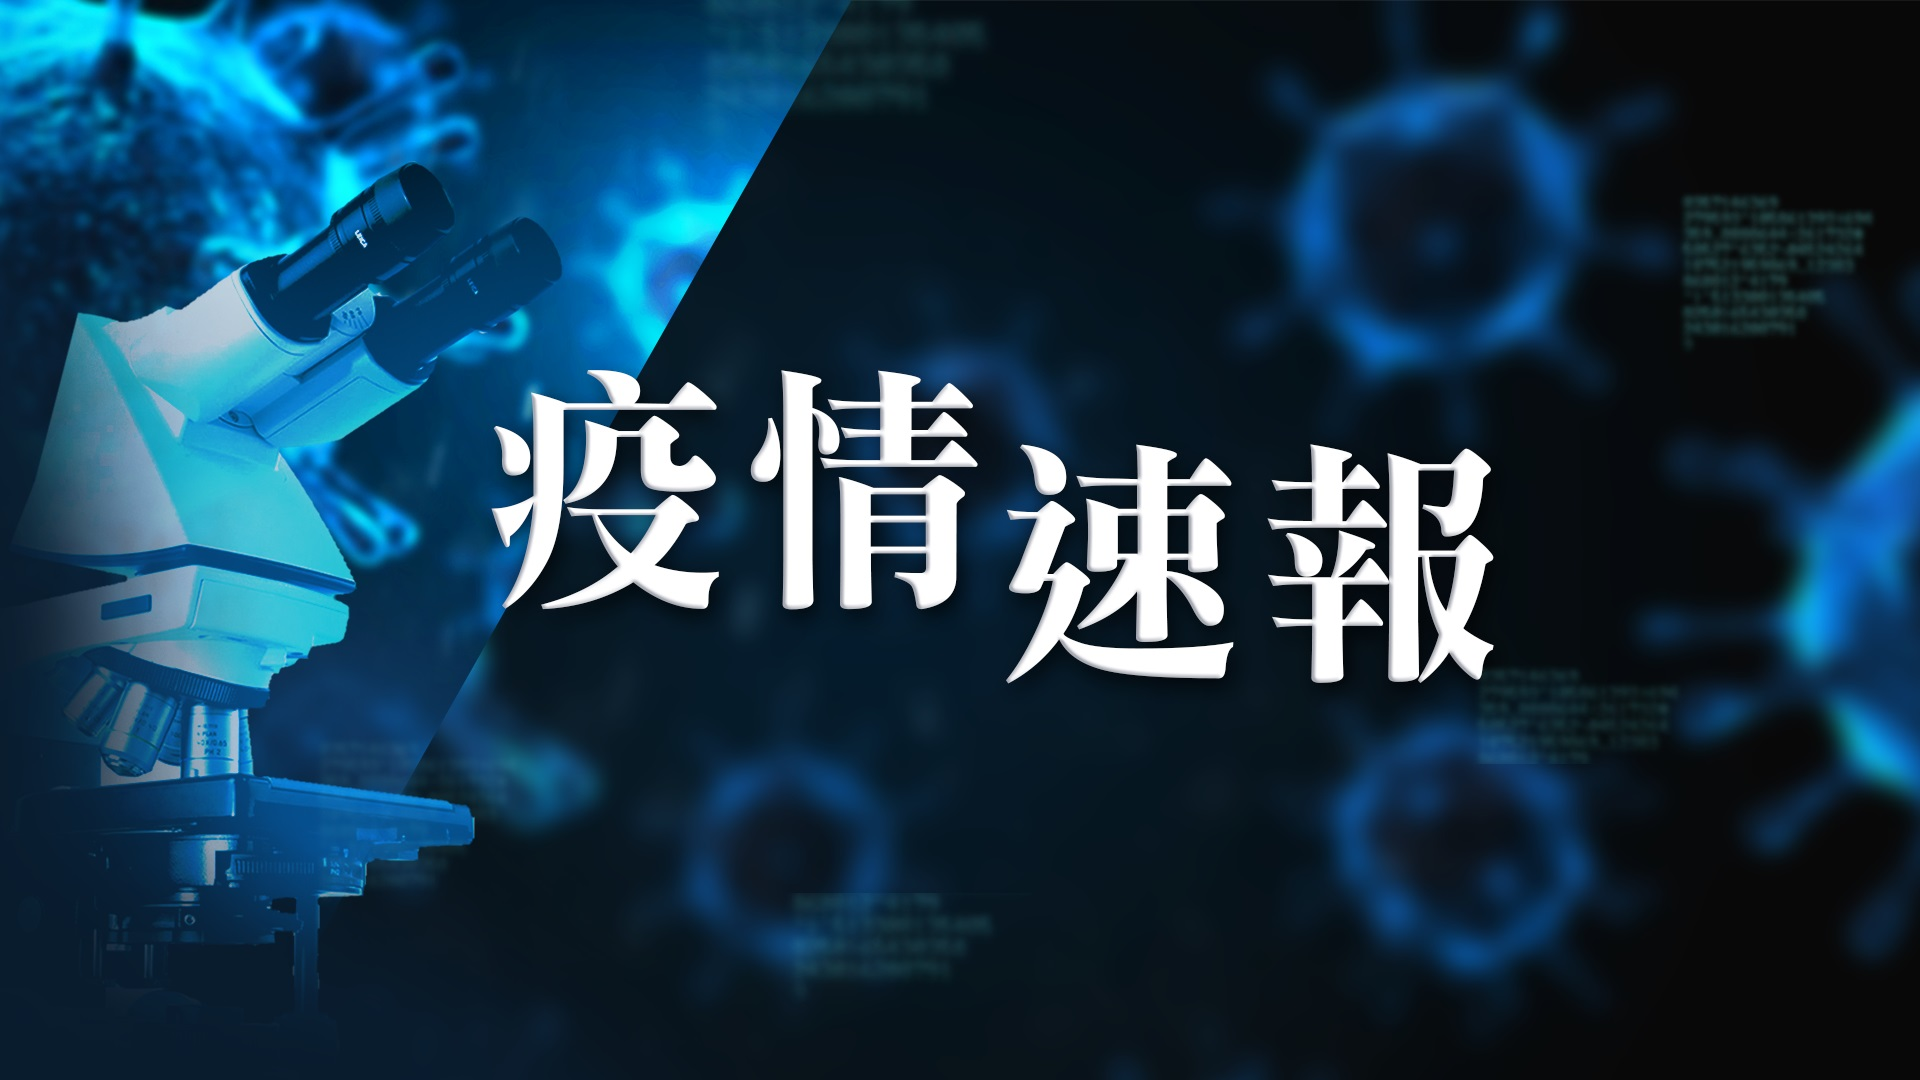 【2月16日疫情速報】(22:10)